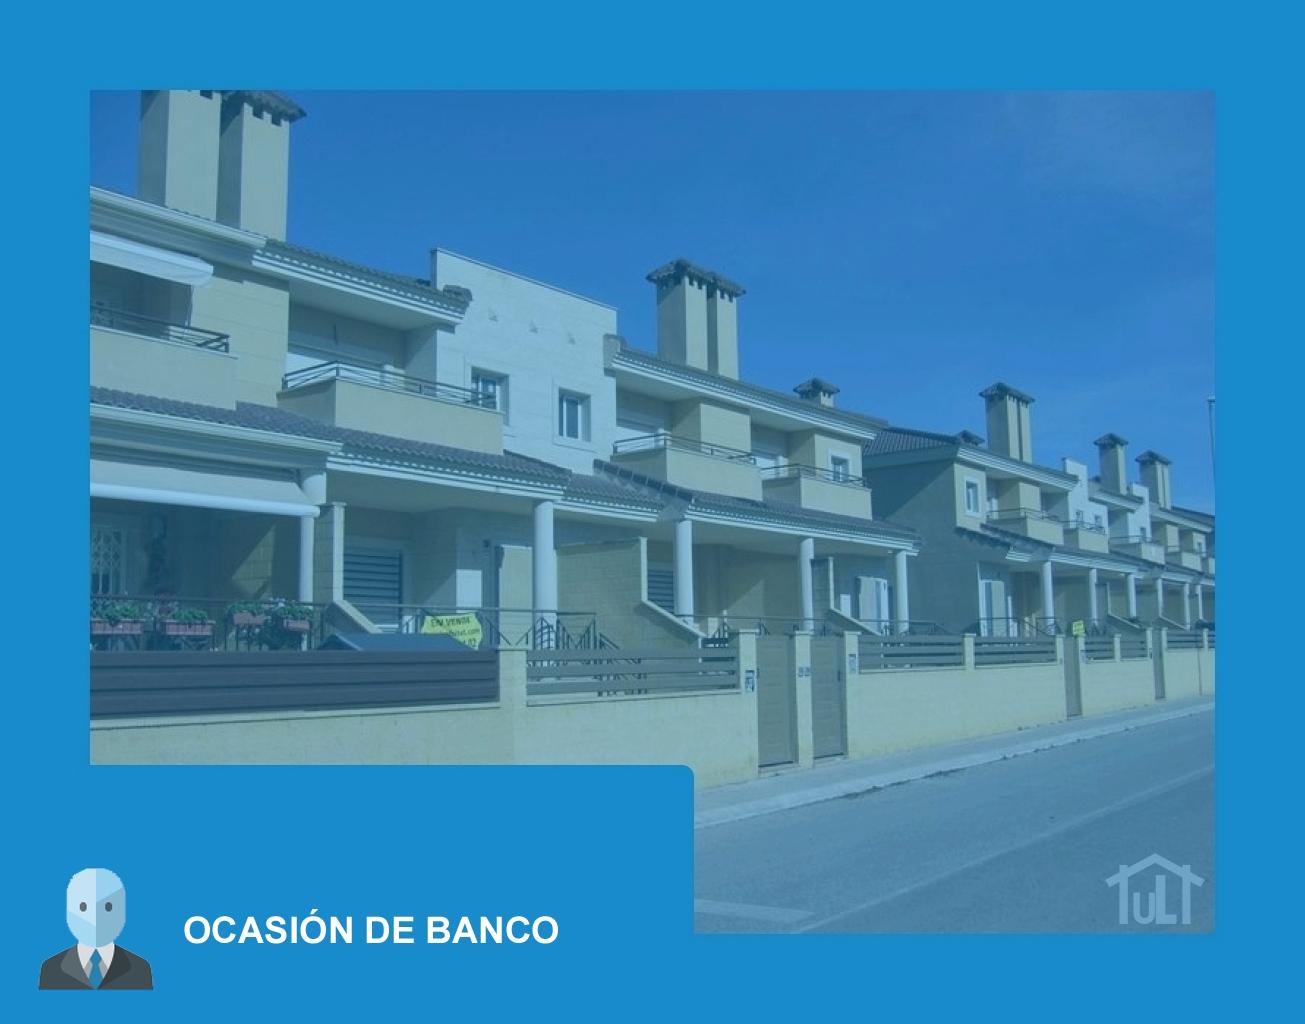 Adosado – 4 dormitorios – Ocasión de Banco – Obra nueva – Monforte del Cid